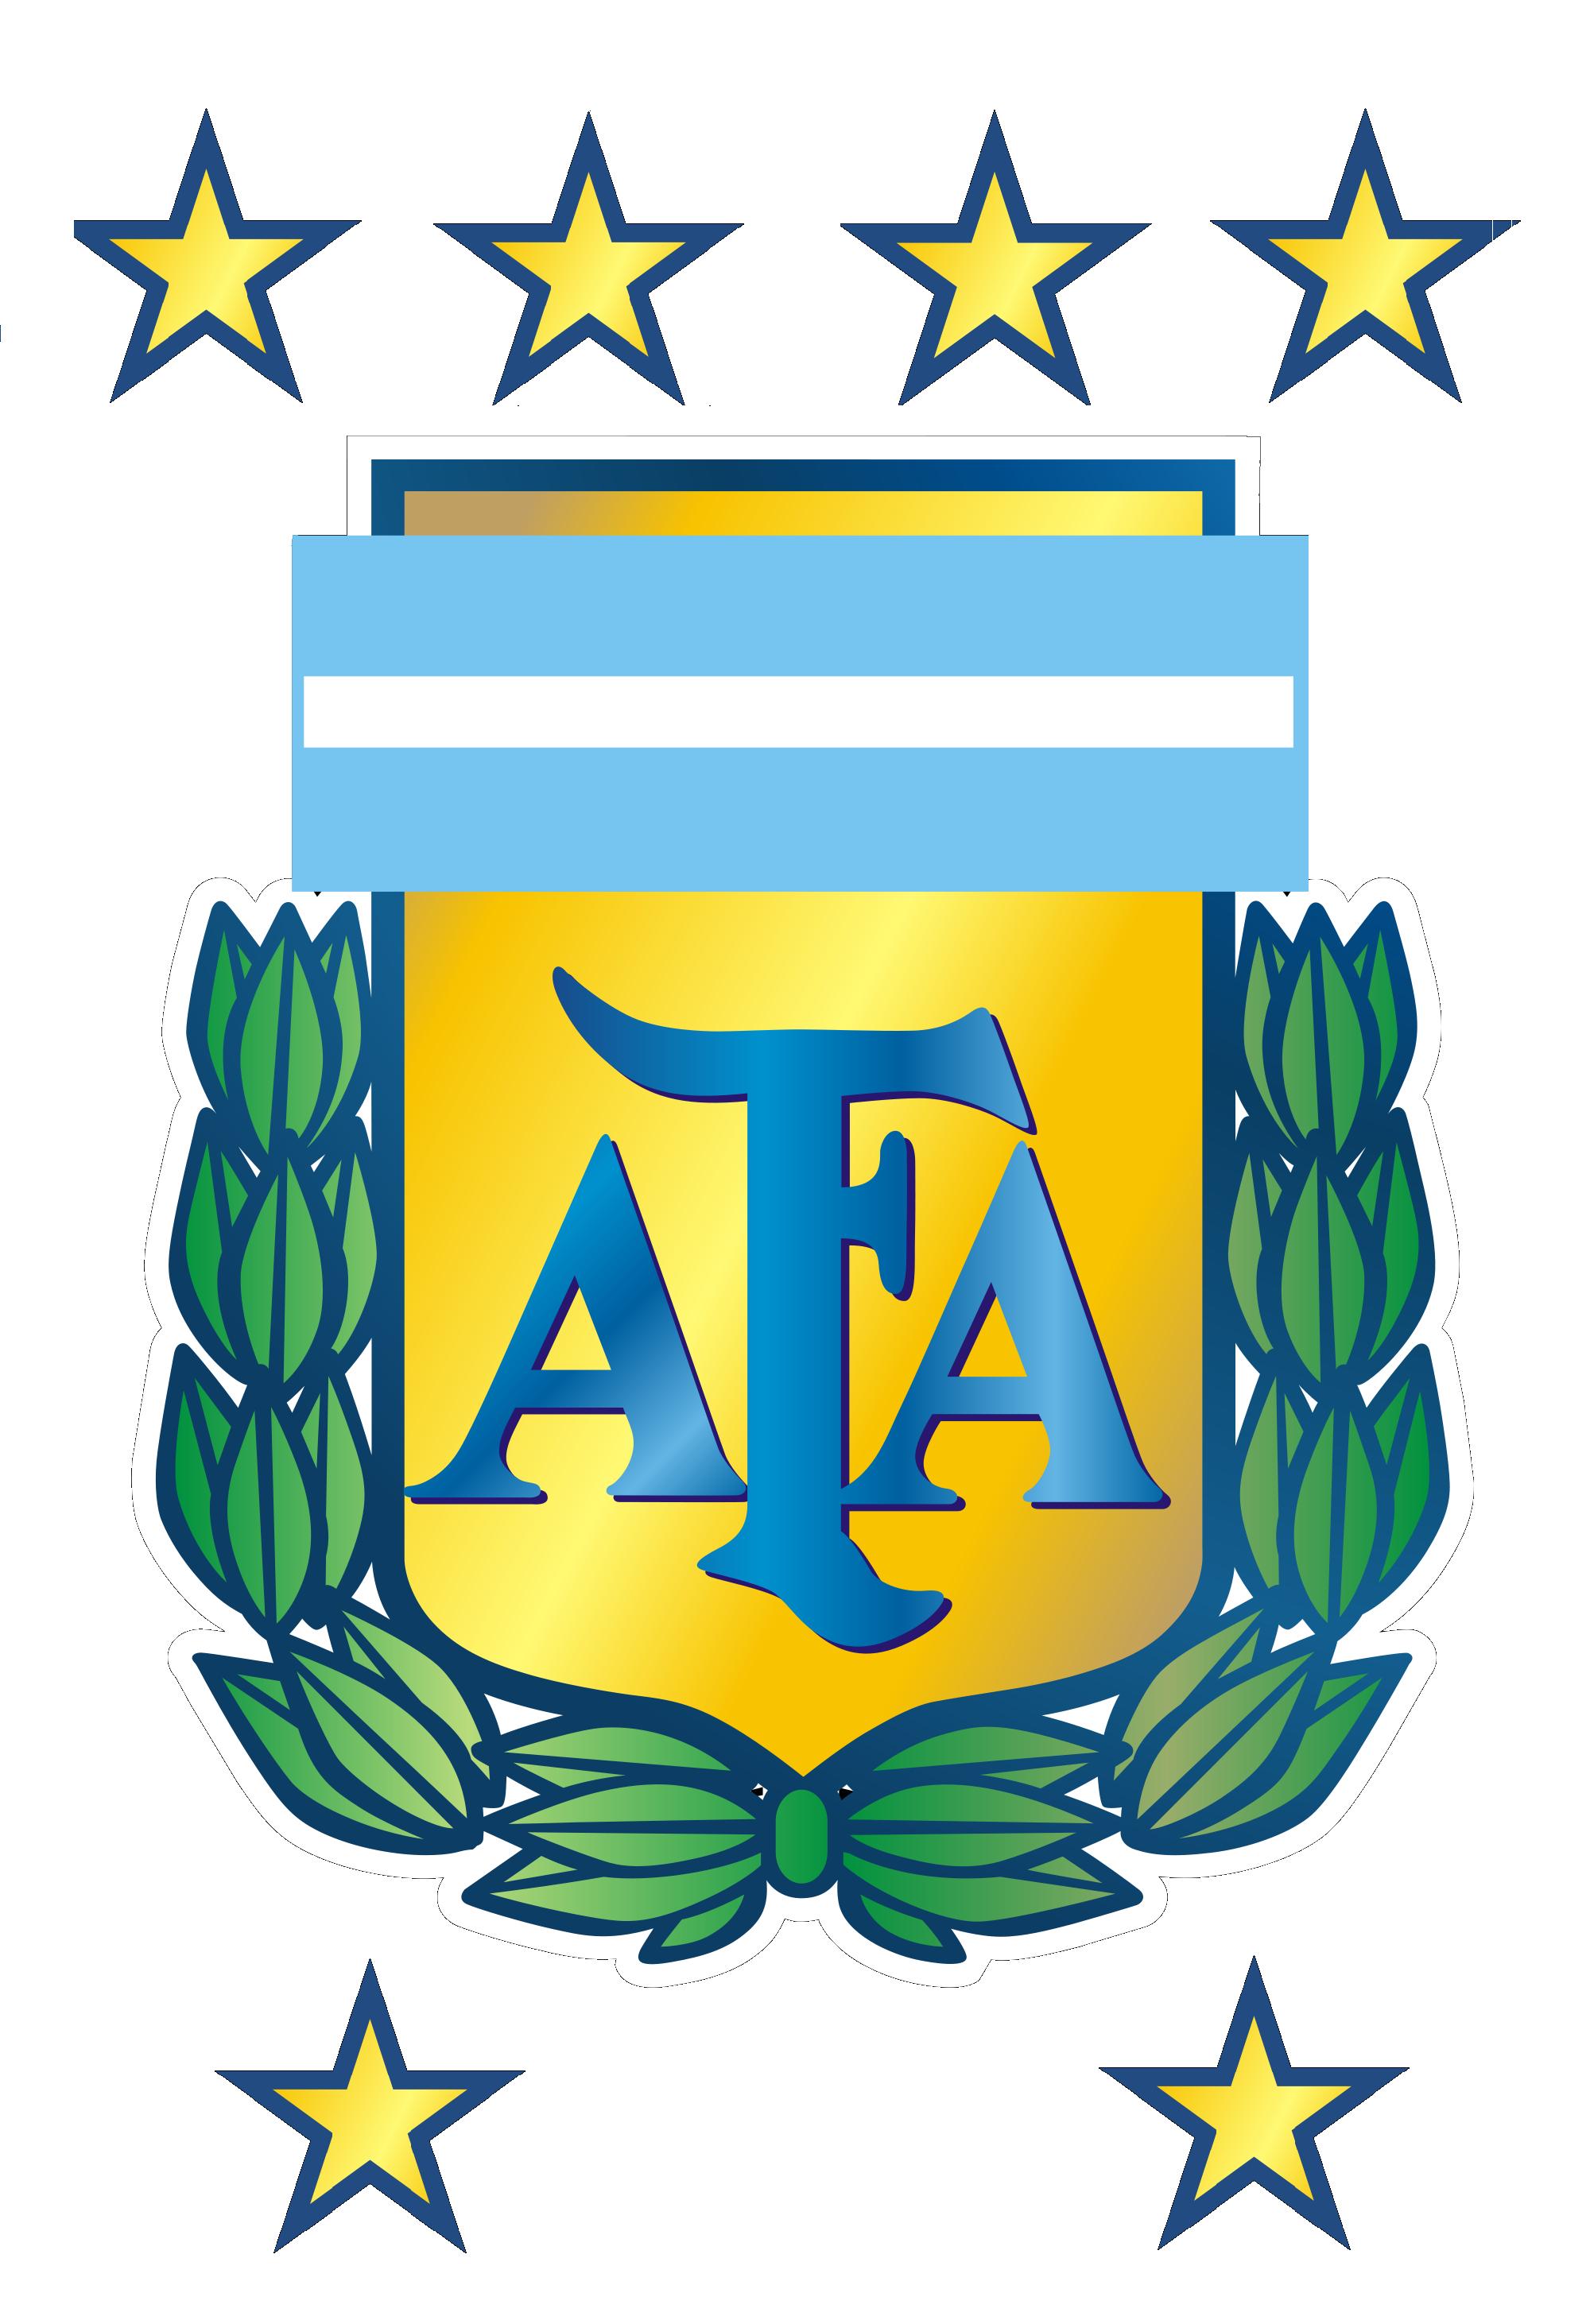 AFA Logo.png - Afa Team PNG